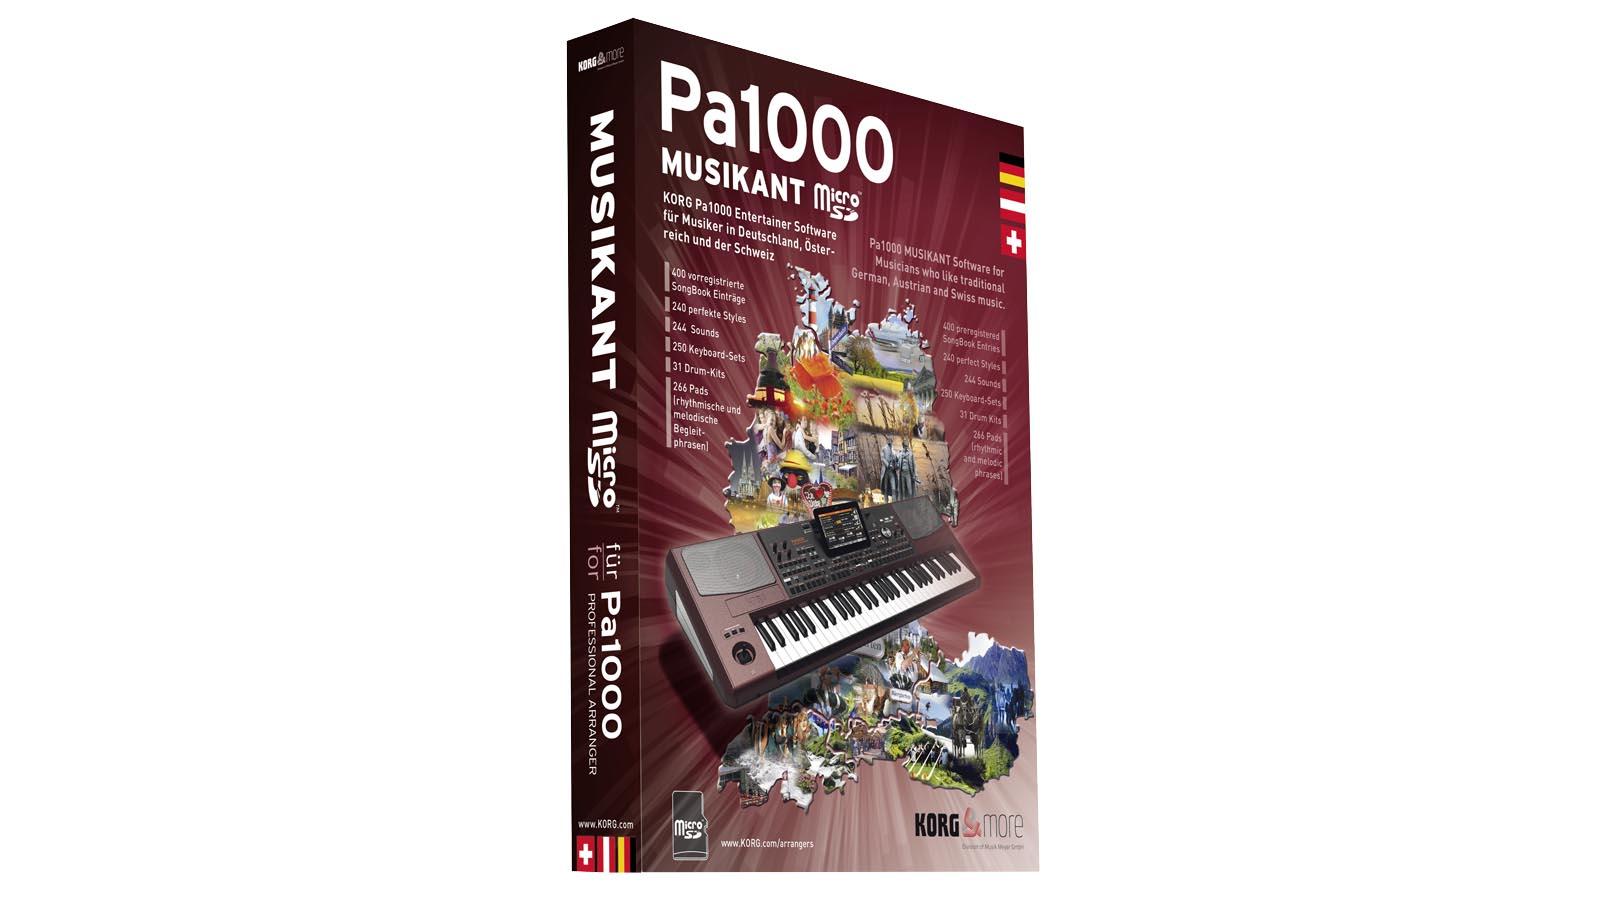 Korg Erweiterung für Pa-1000 SD-Karte Software